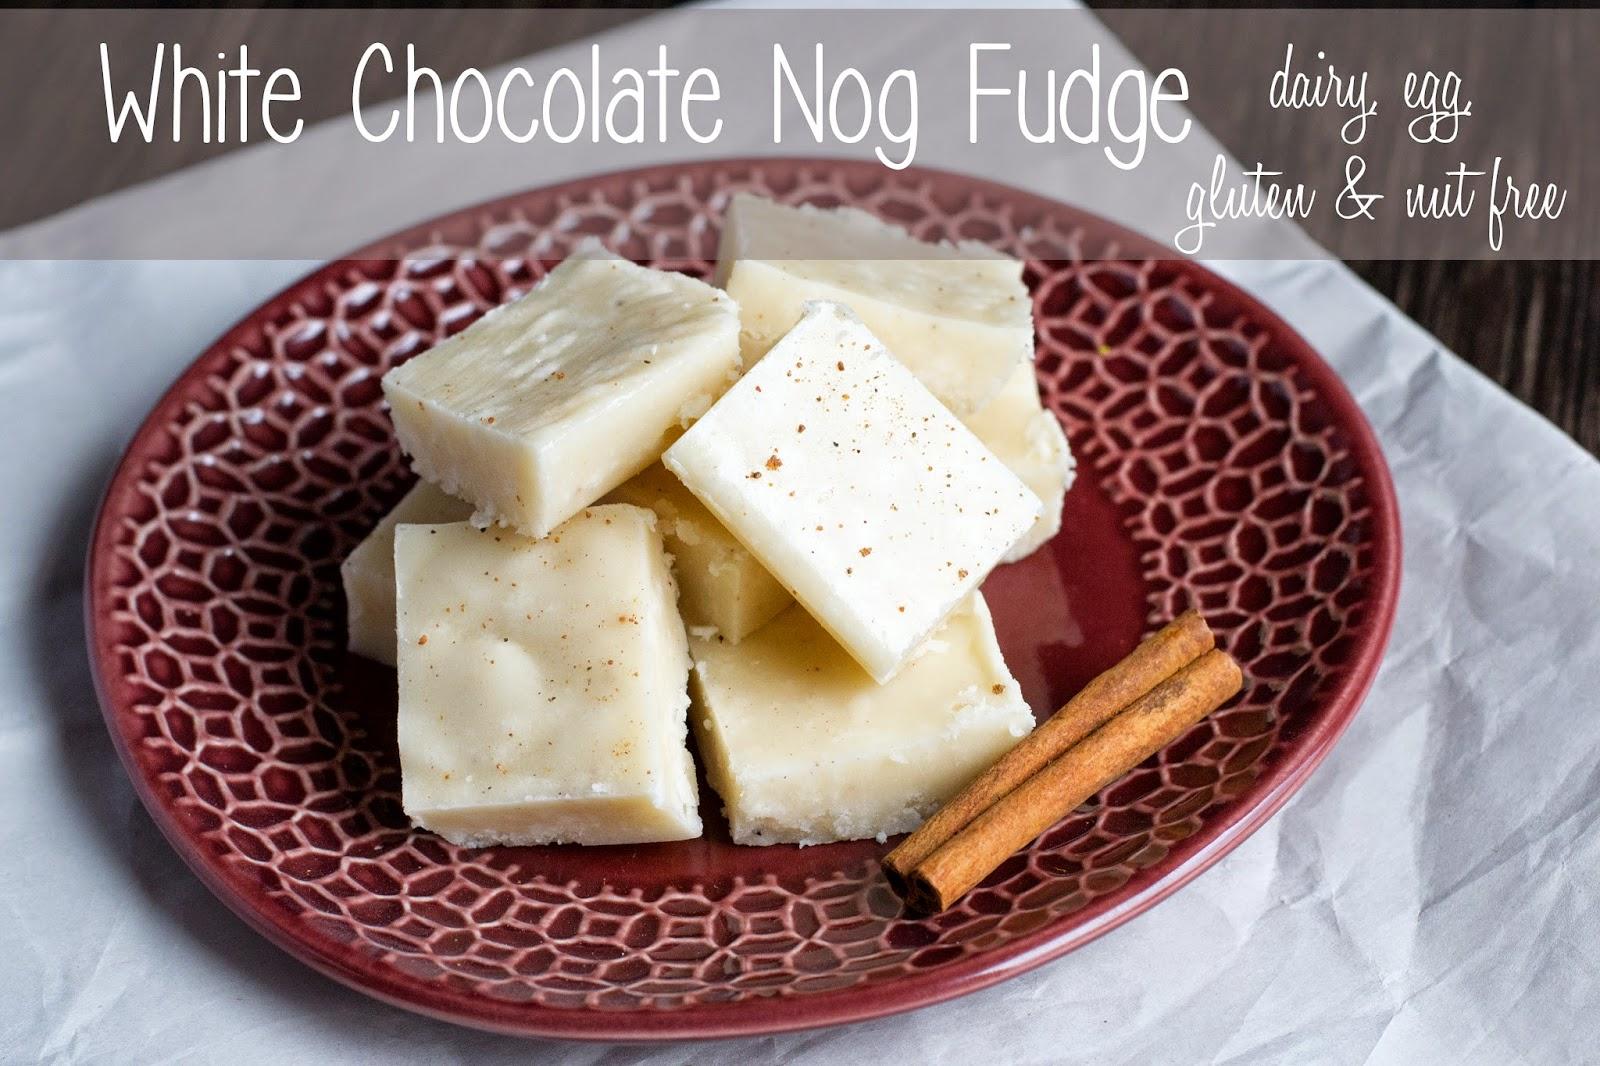 #dairyfree #eggfree #glutenfree #nutfree